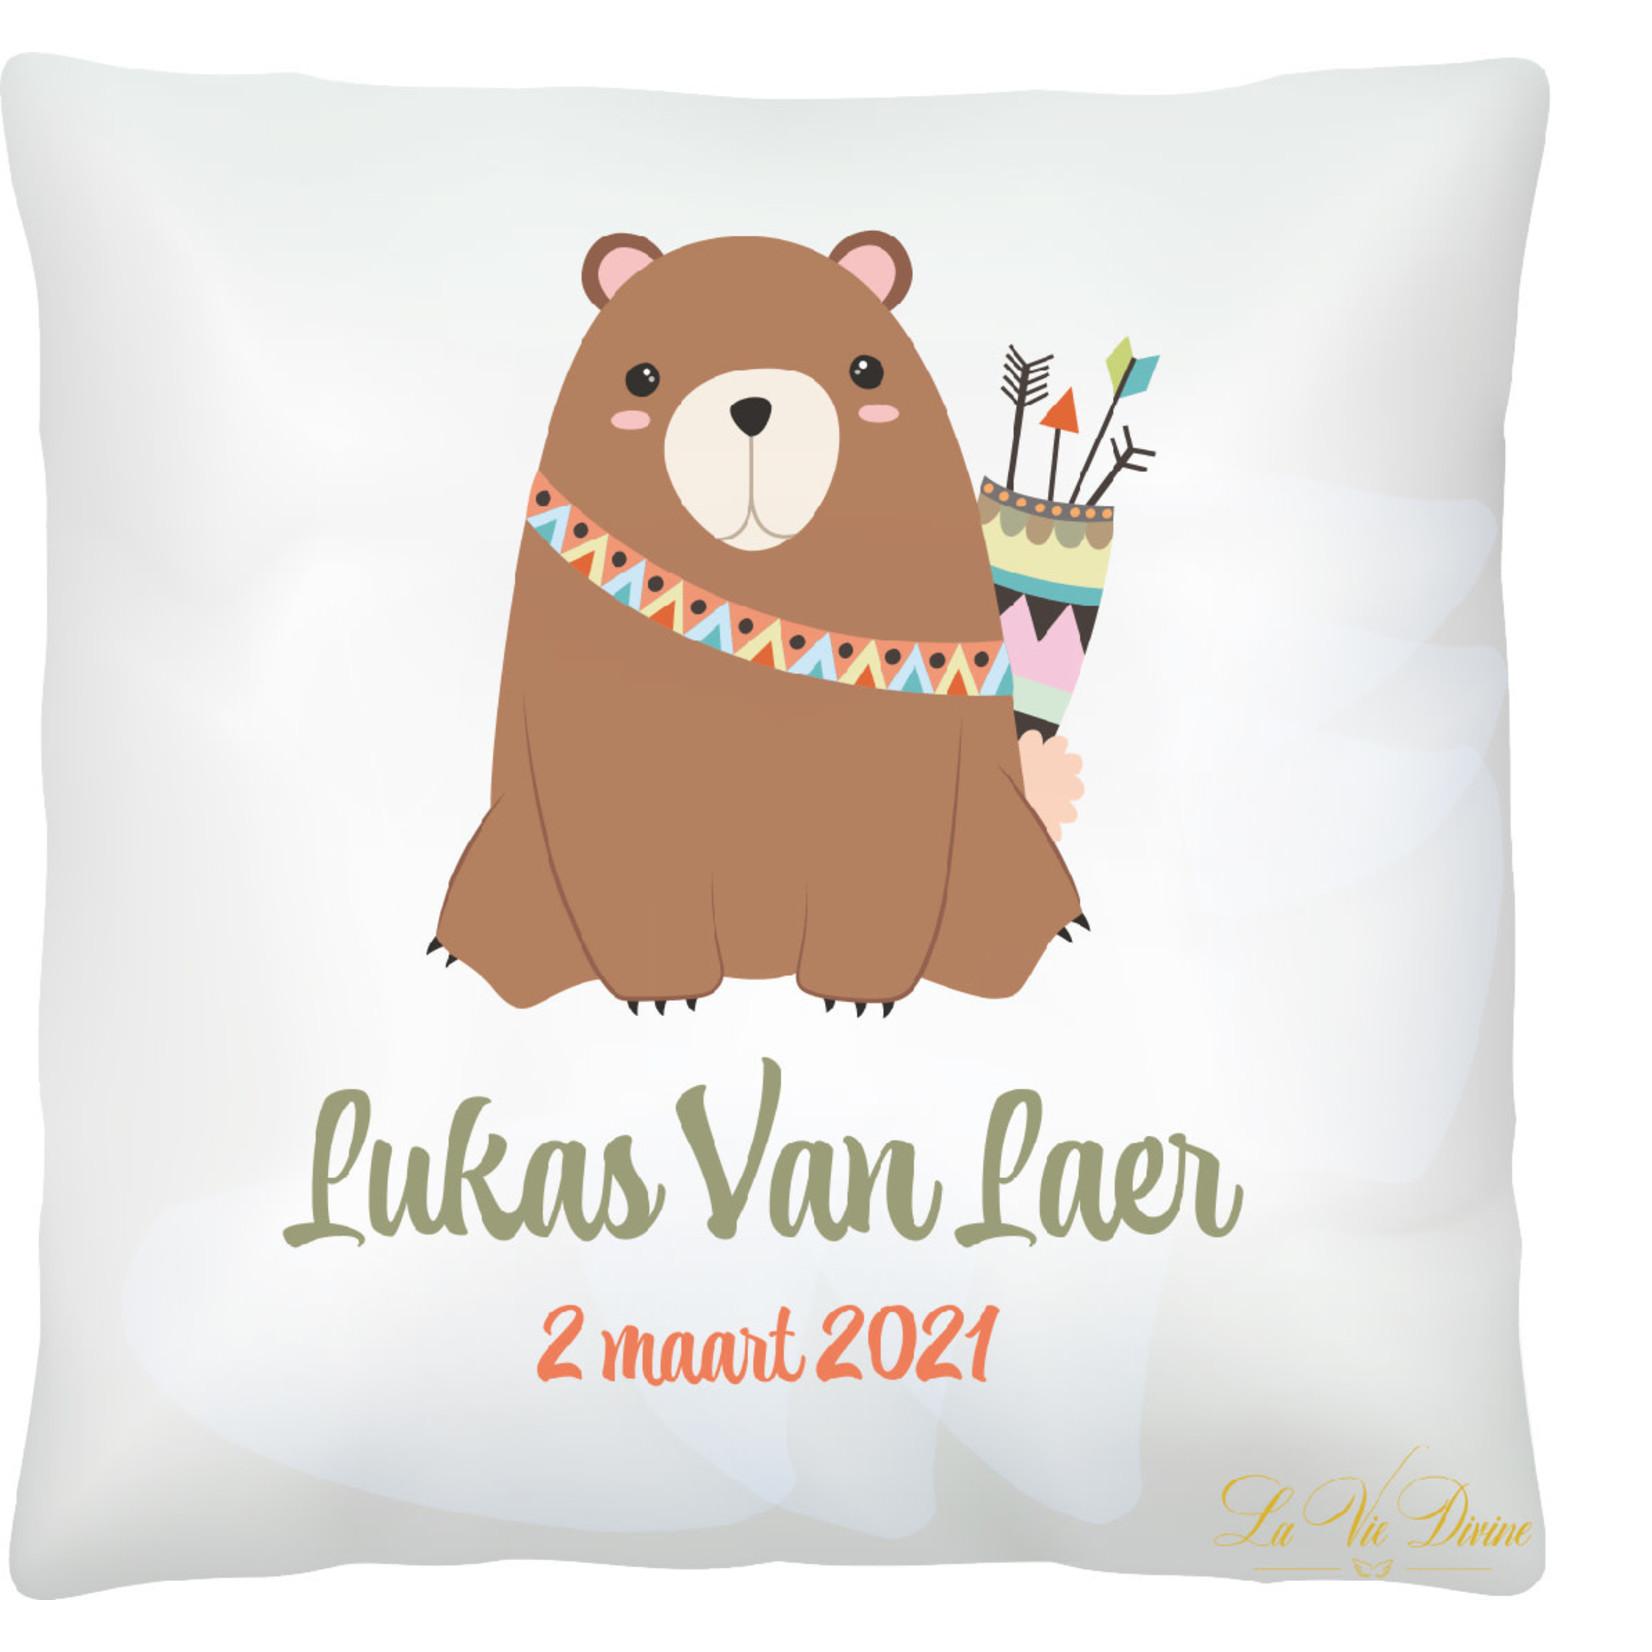 La Vie Divine Geboortekussen beer